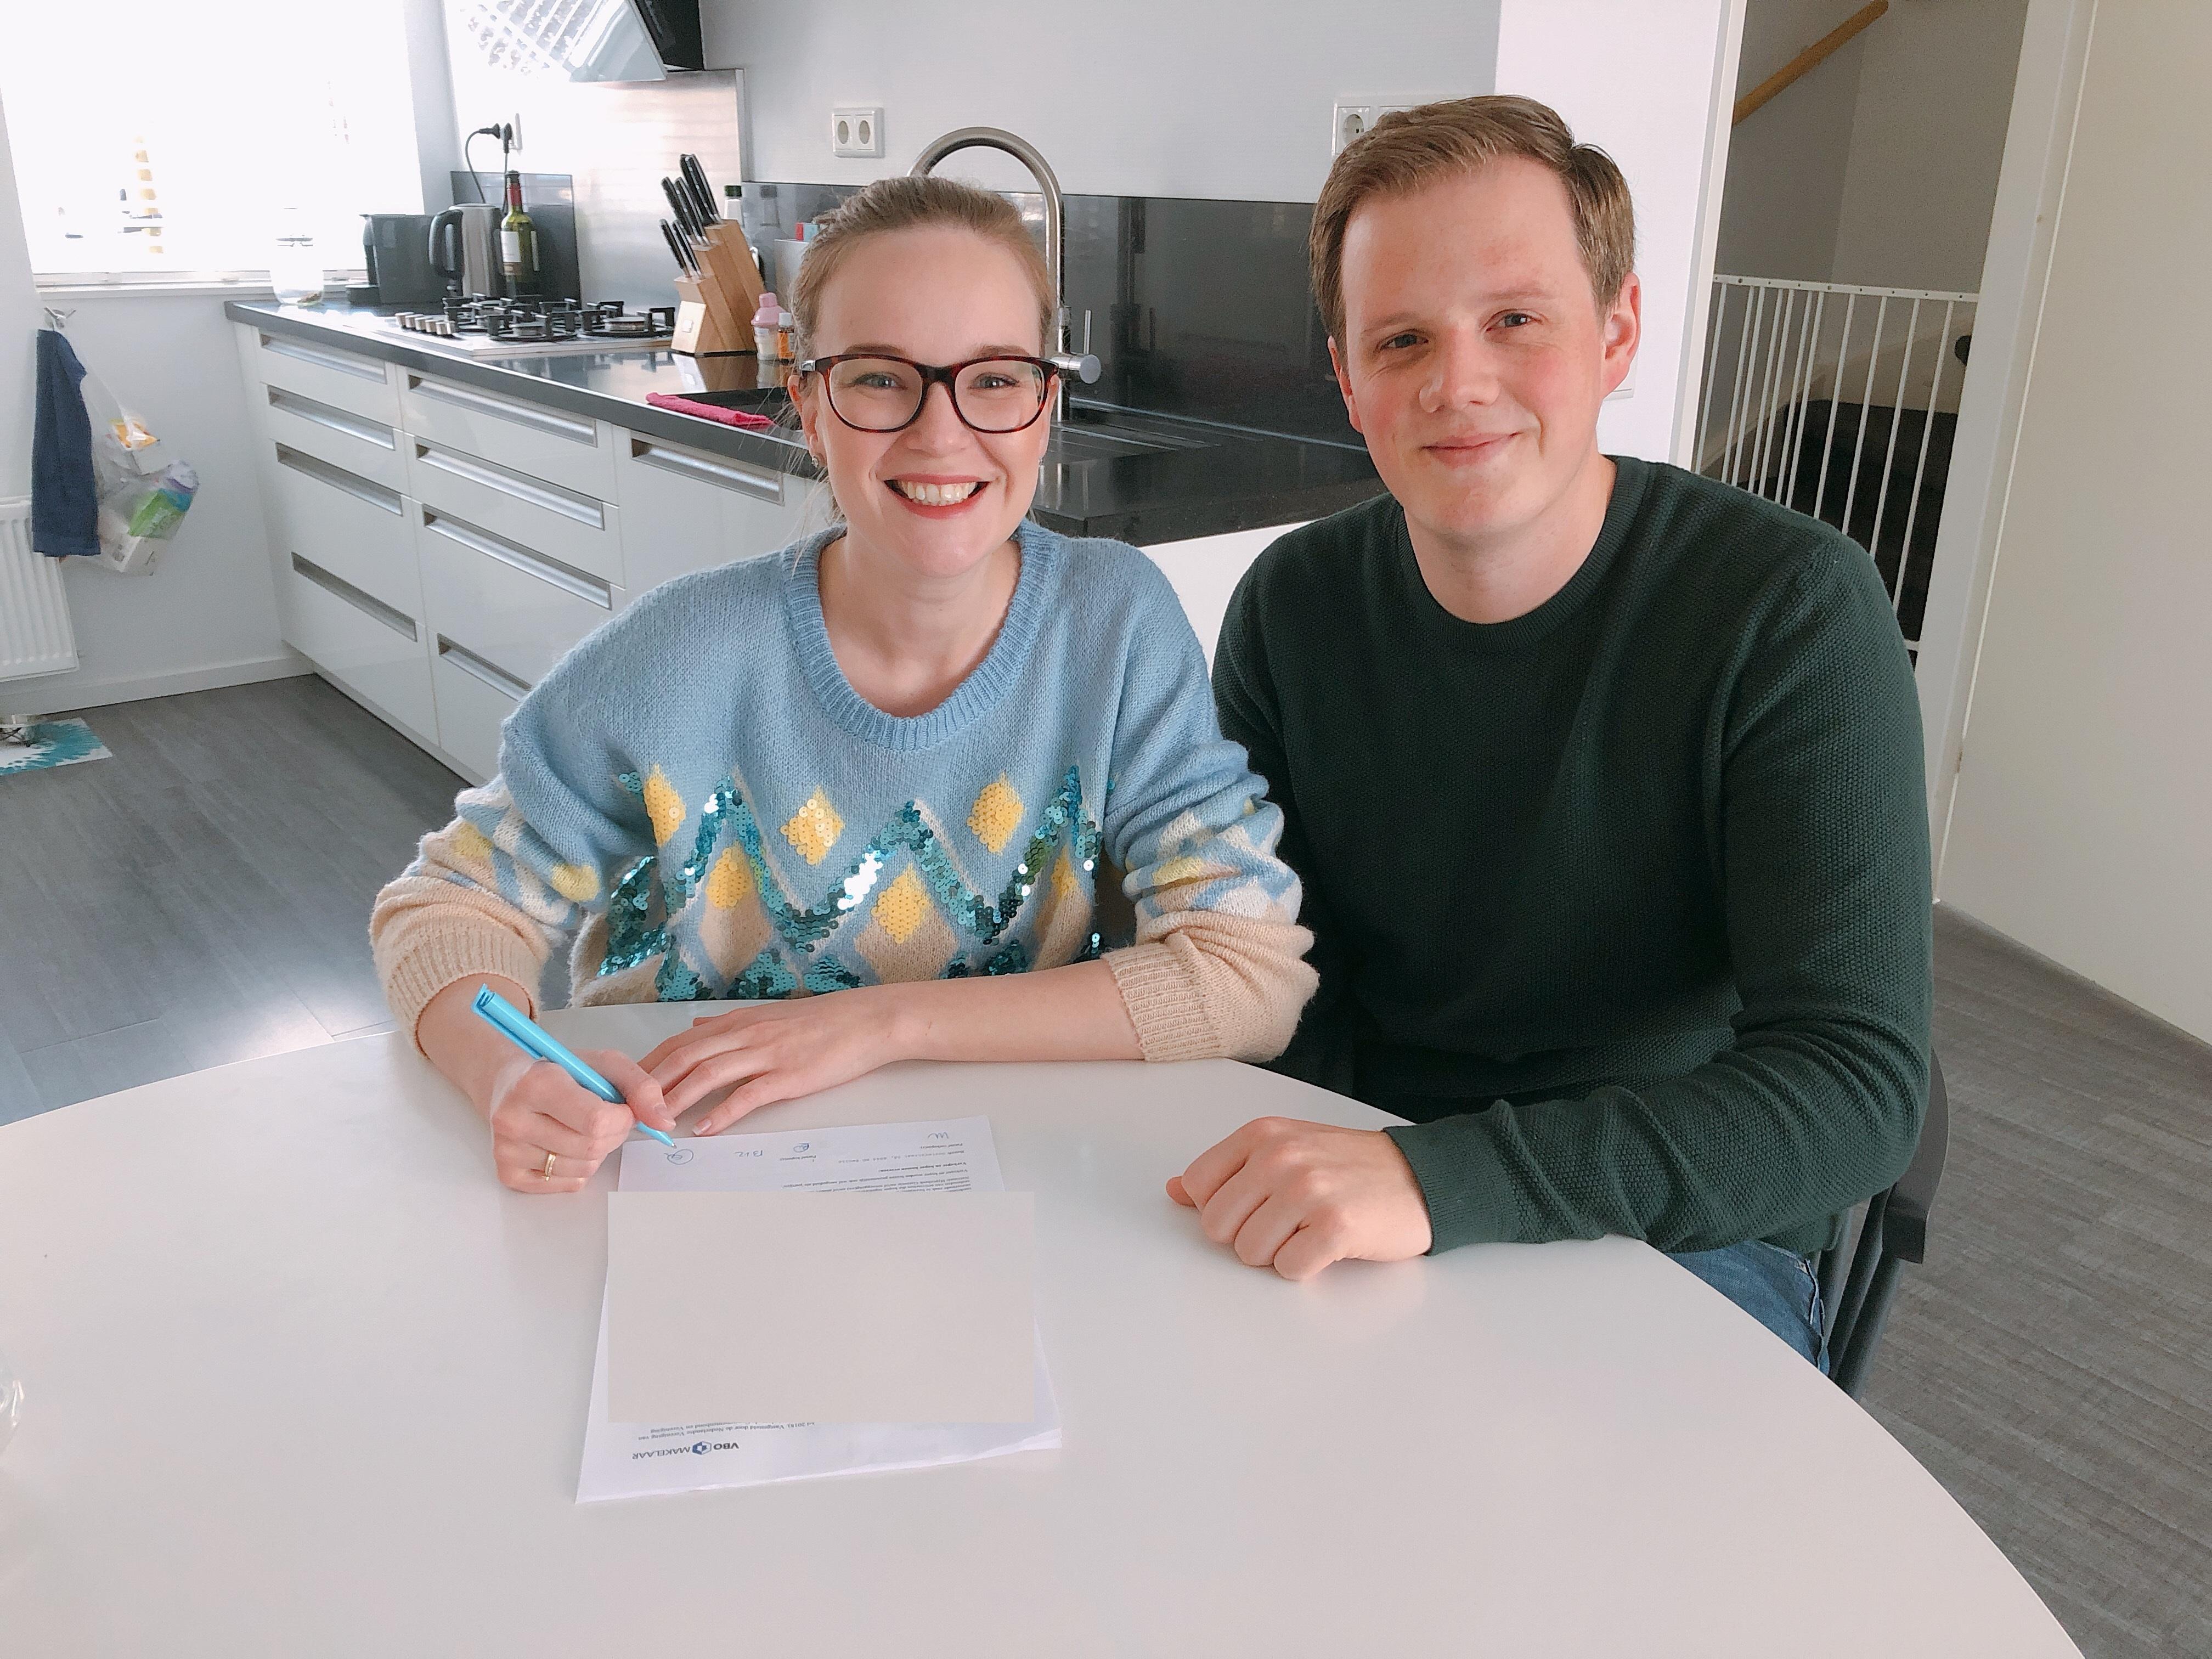 https://www.elisejoanne.nl/persoonlijk/wij-hebben-een-huis-gekocht/